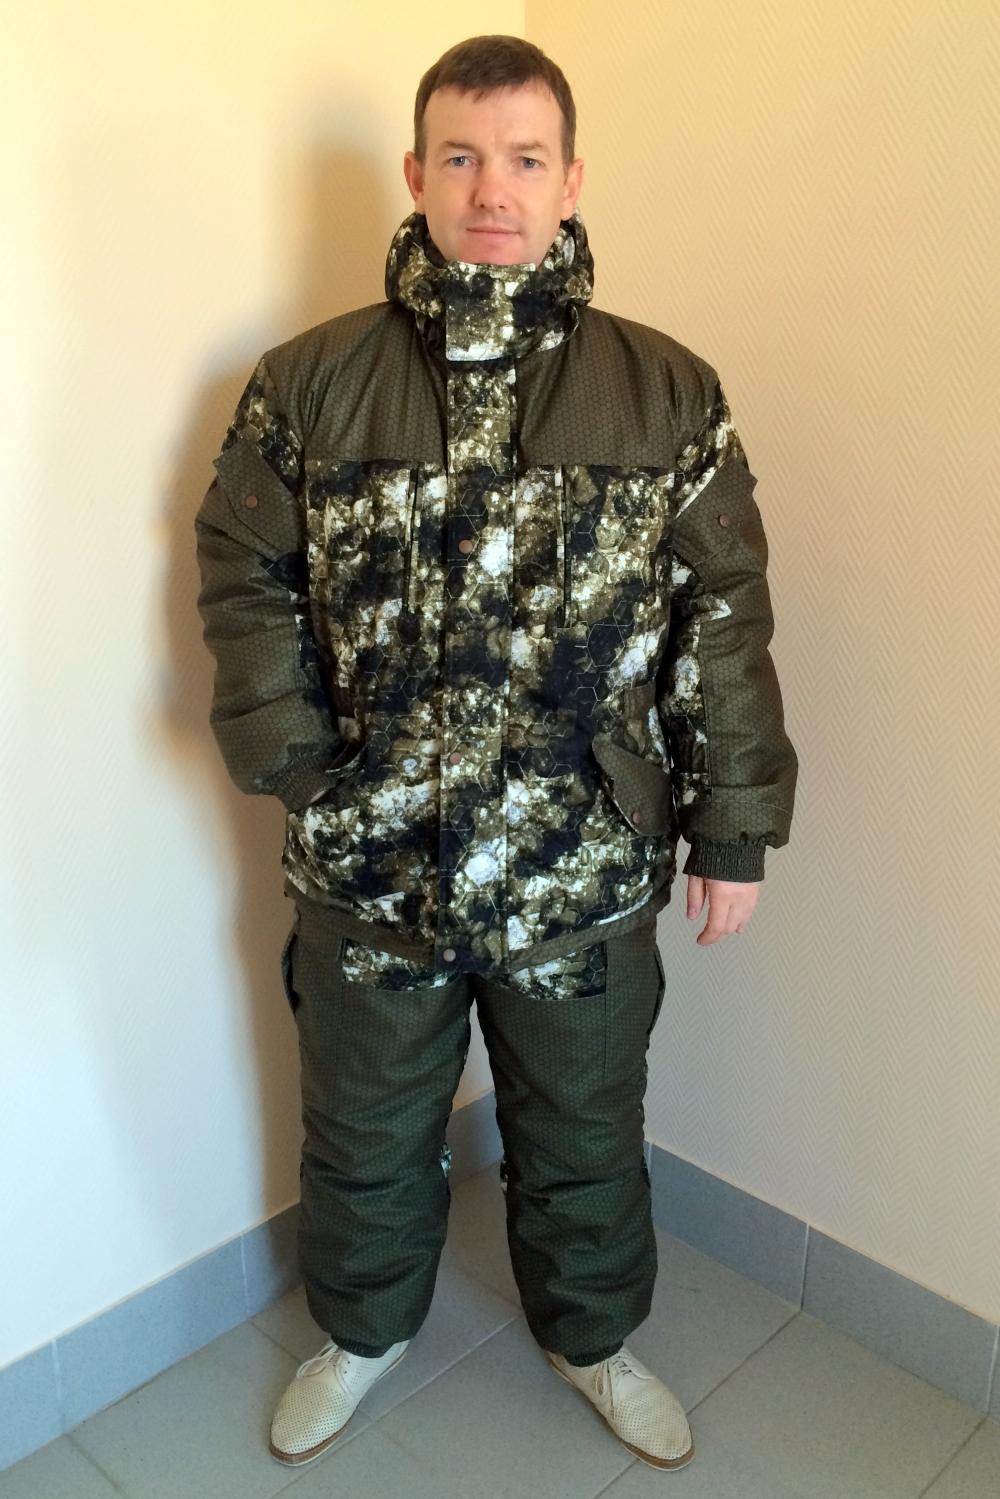 Костюм мужской Горка зима куртка на молнии с капюшономОдежда для охоты и рыбалки<br><br><br>Размер: 96-100/182/188